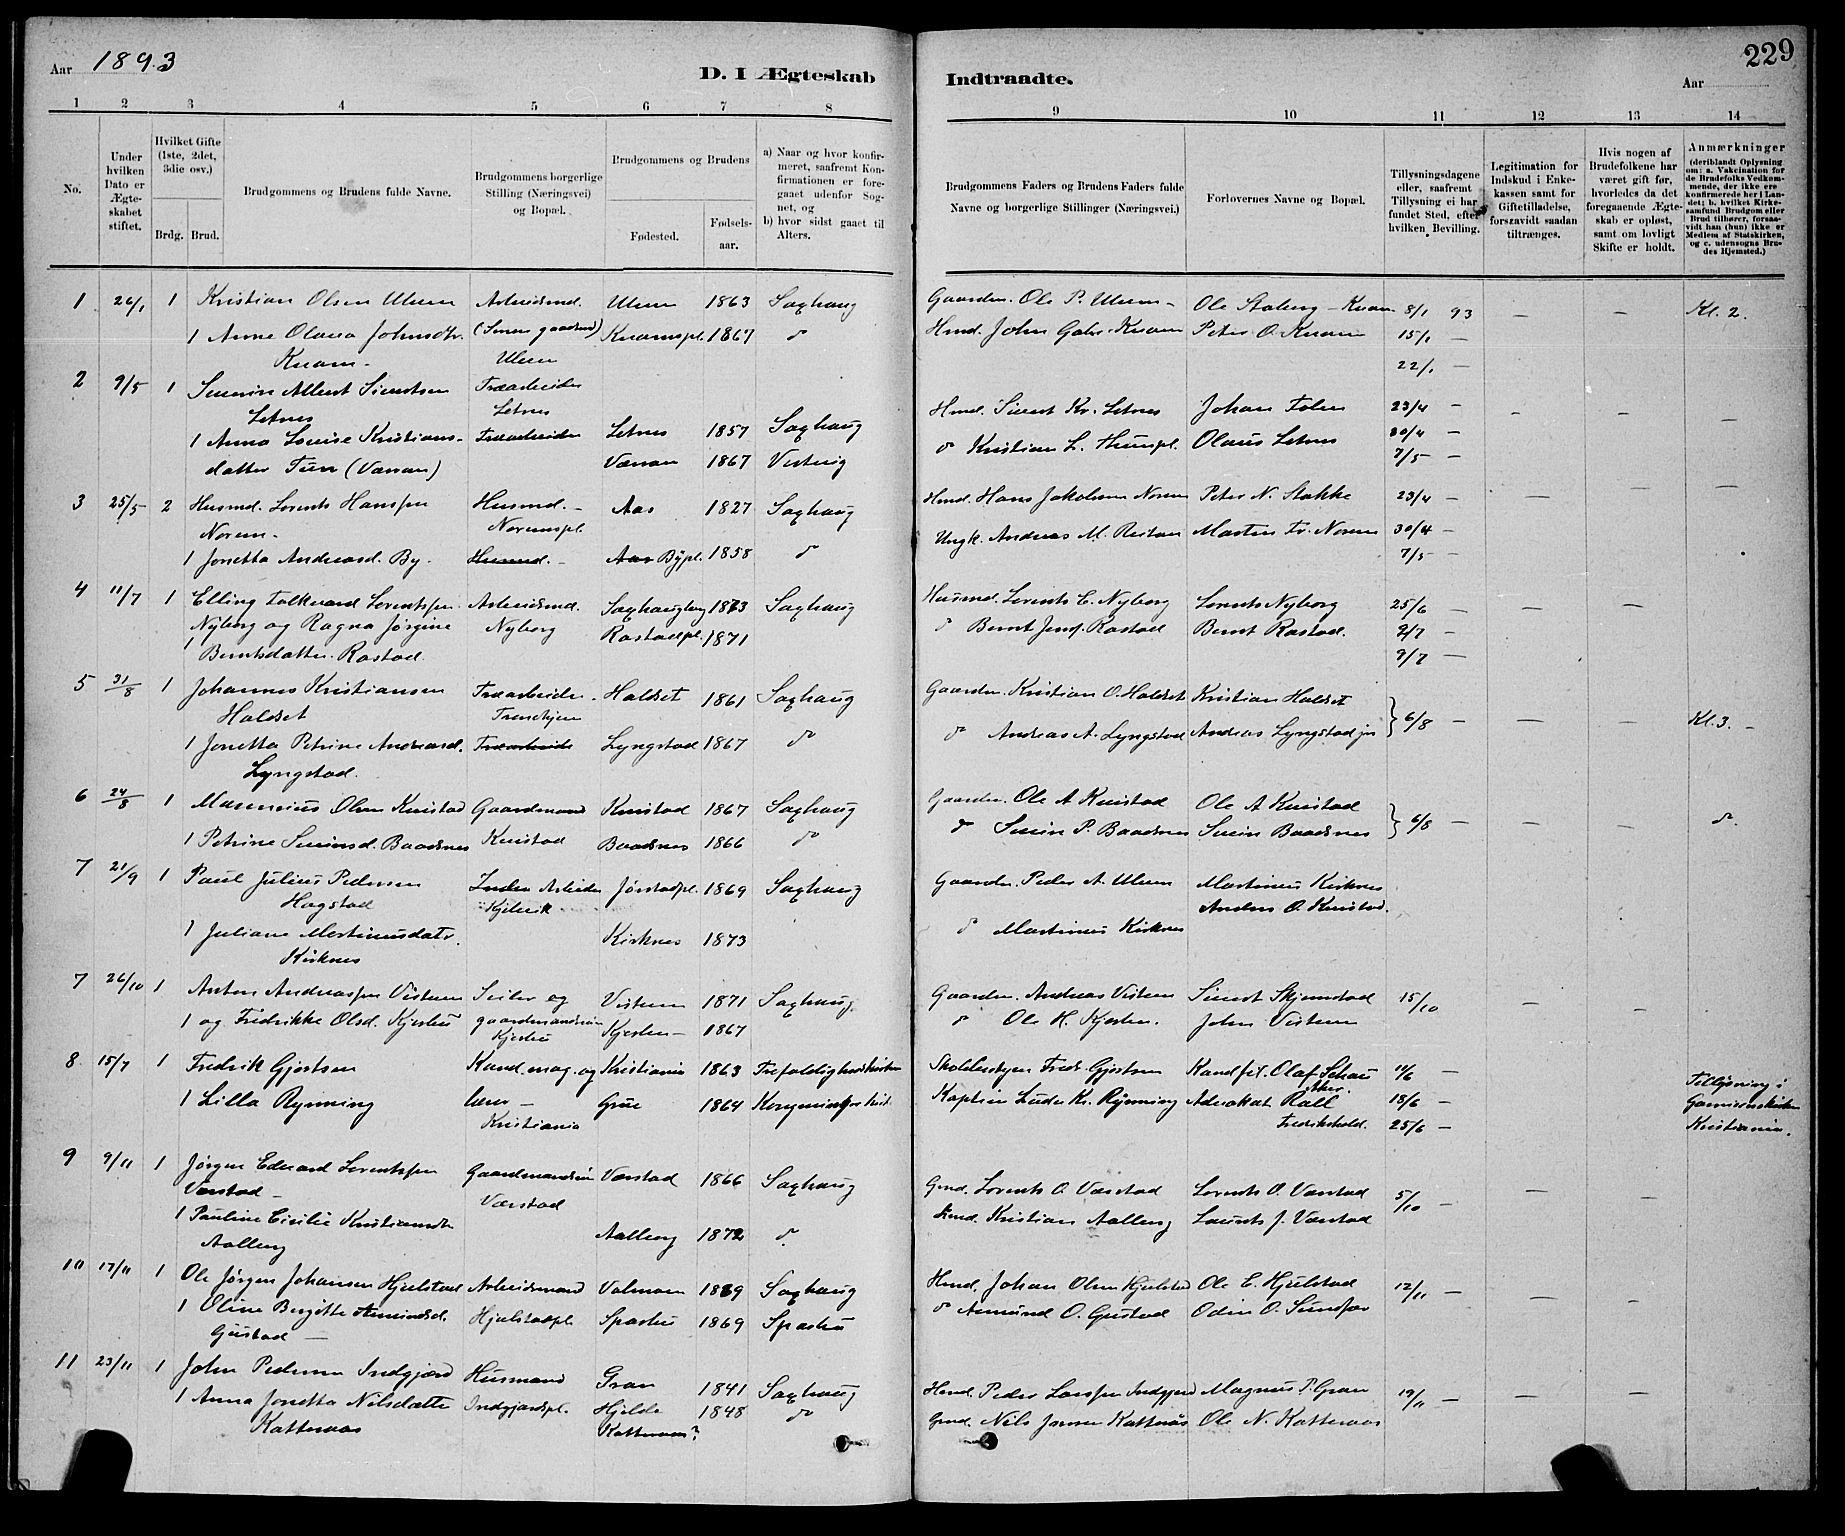 SAT, Ministerialprotokoller, klokkerbøker og fødselsregistre - Nord-Trøndelag, 730/L0301: Klokkerbok nr. 730C04, 1880-1897, s. 229